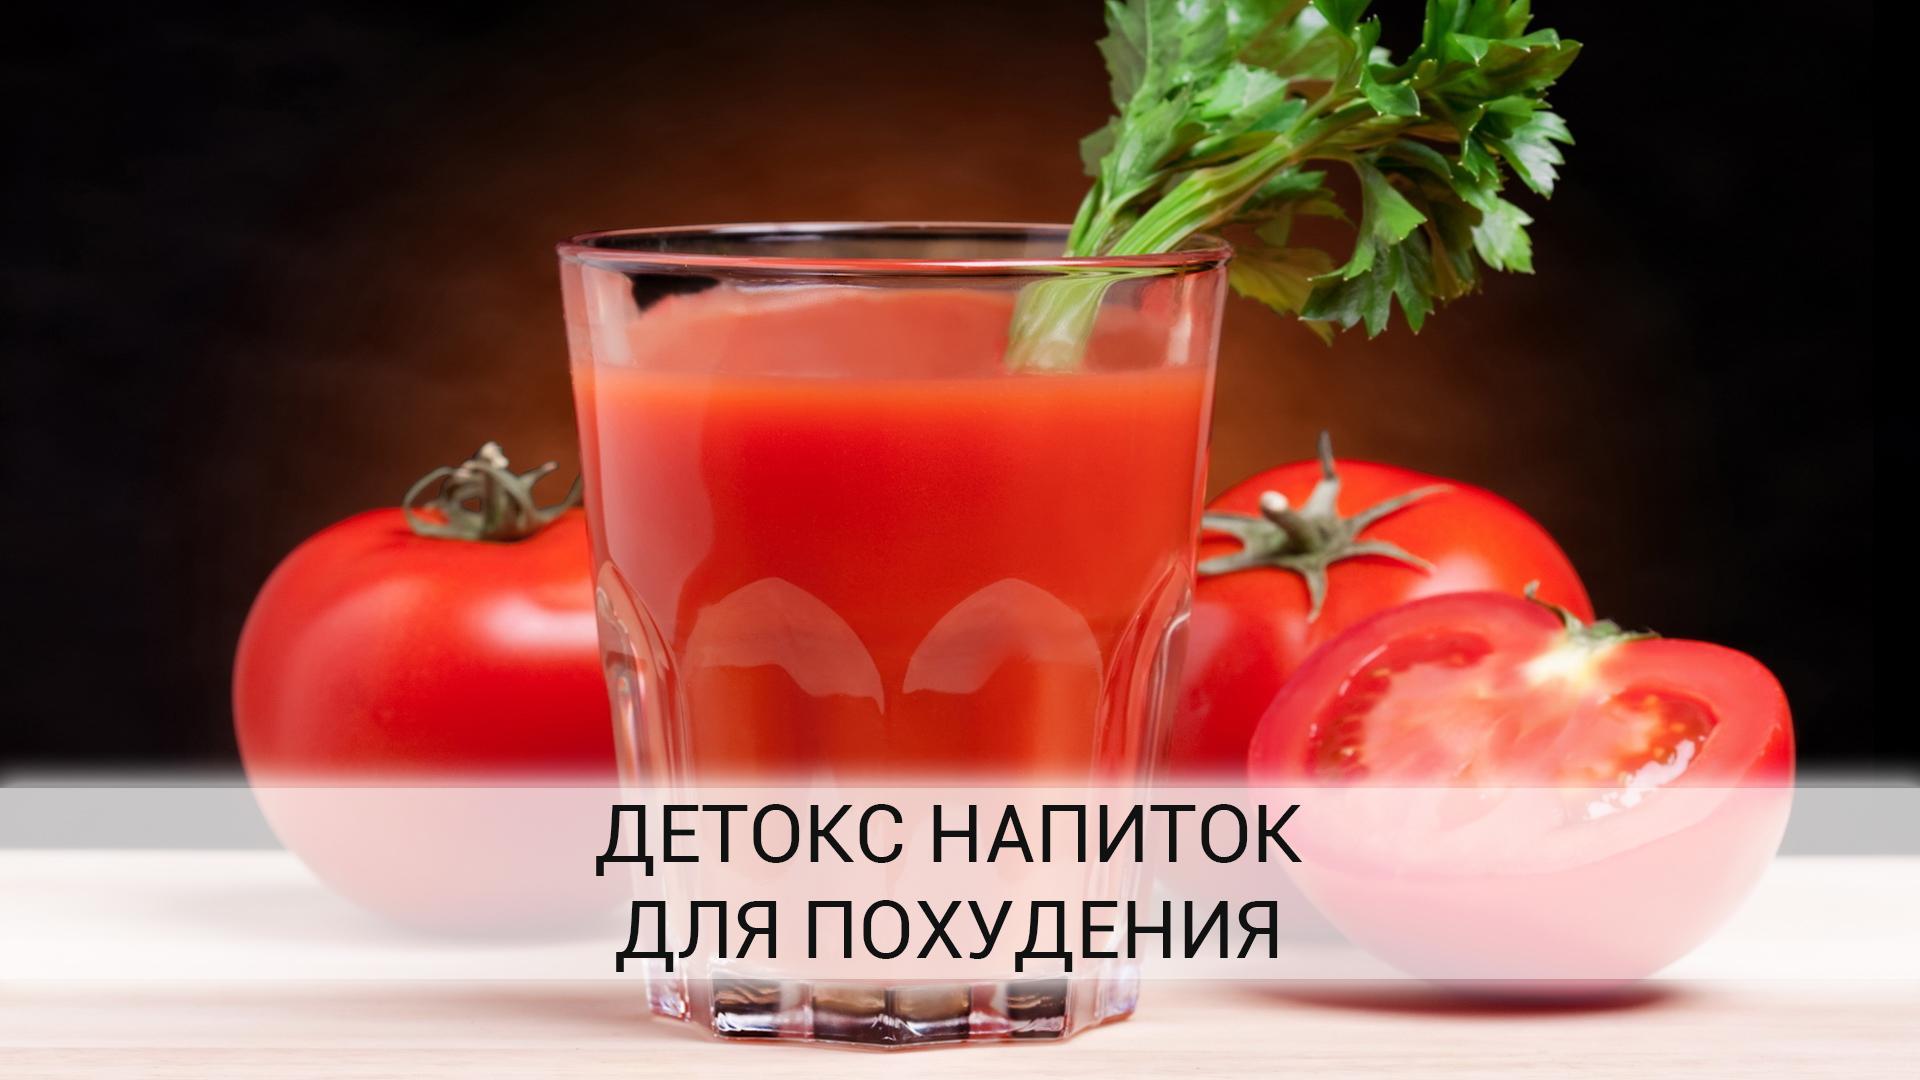 Детокс-напиток-для-похудения